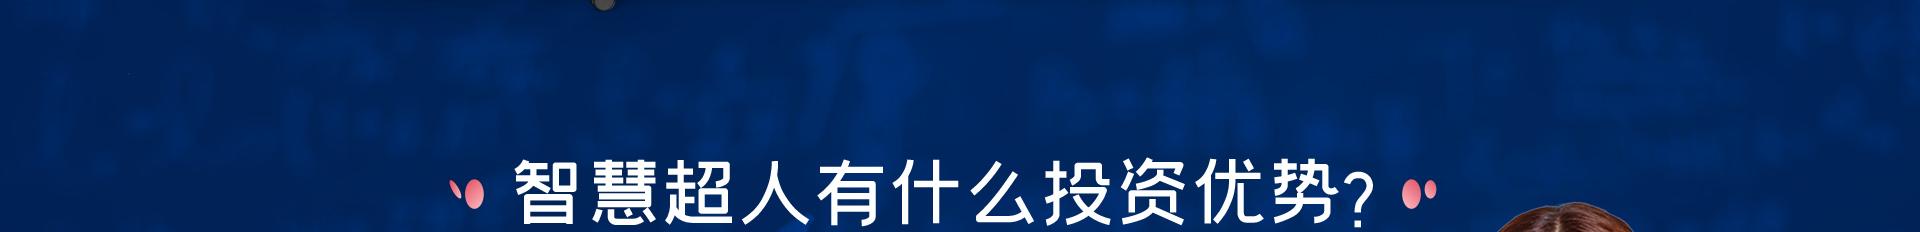 智慧超人K12人工智能教育zzcr_31